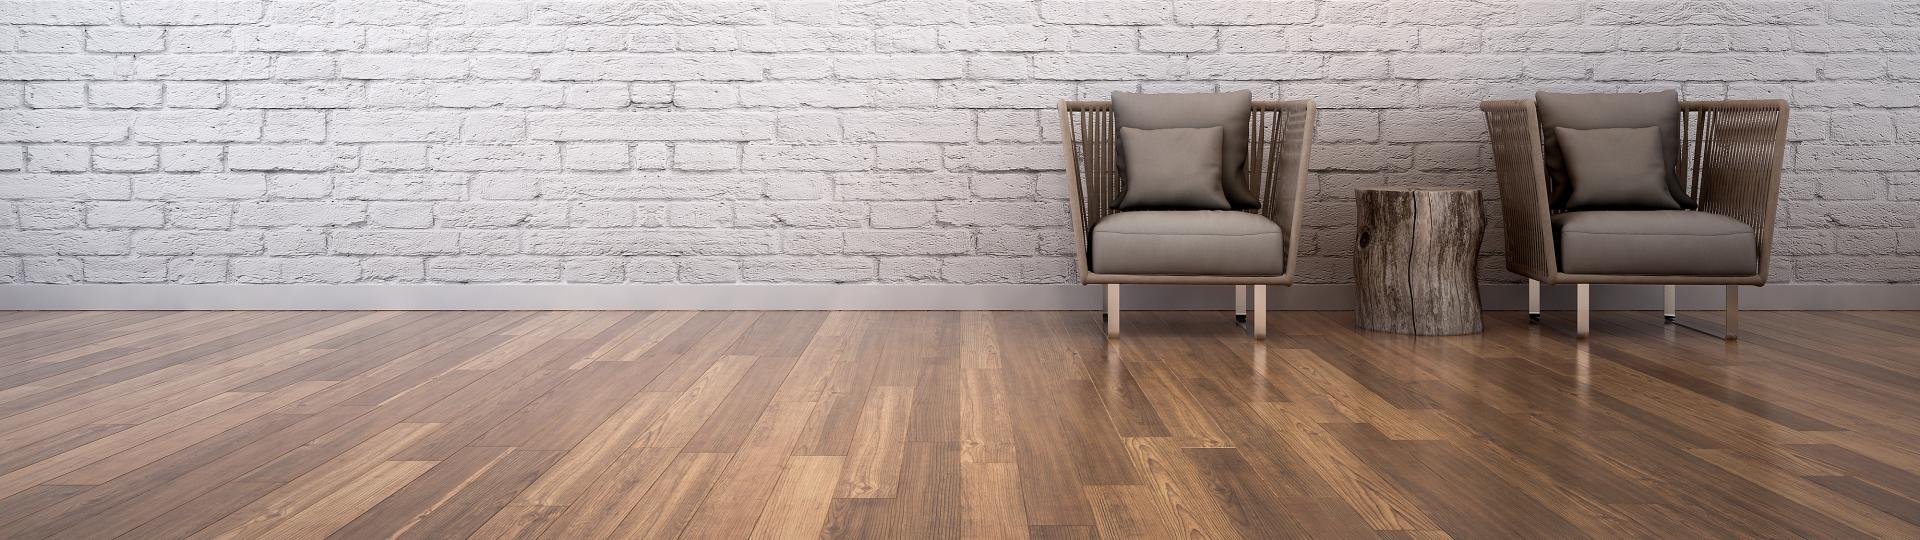 Производим мебель для гостиных комнат по Вашим размерам и под Ваших гостей